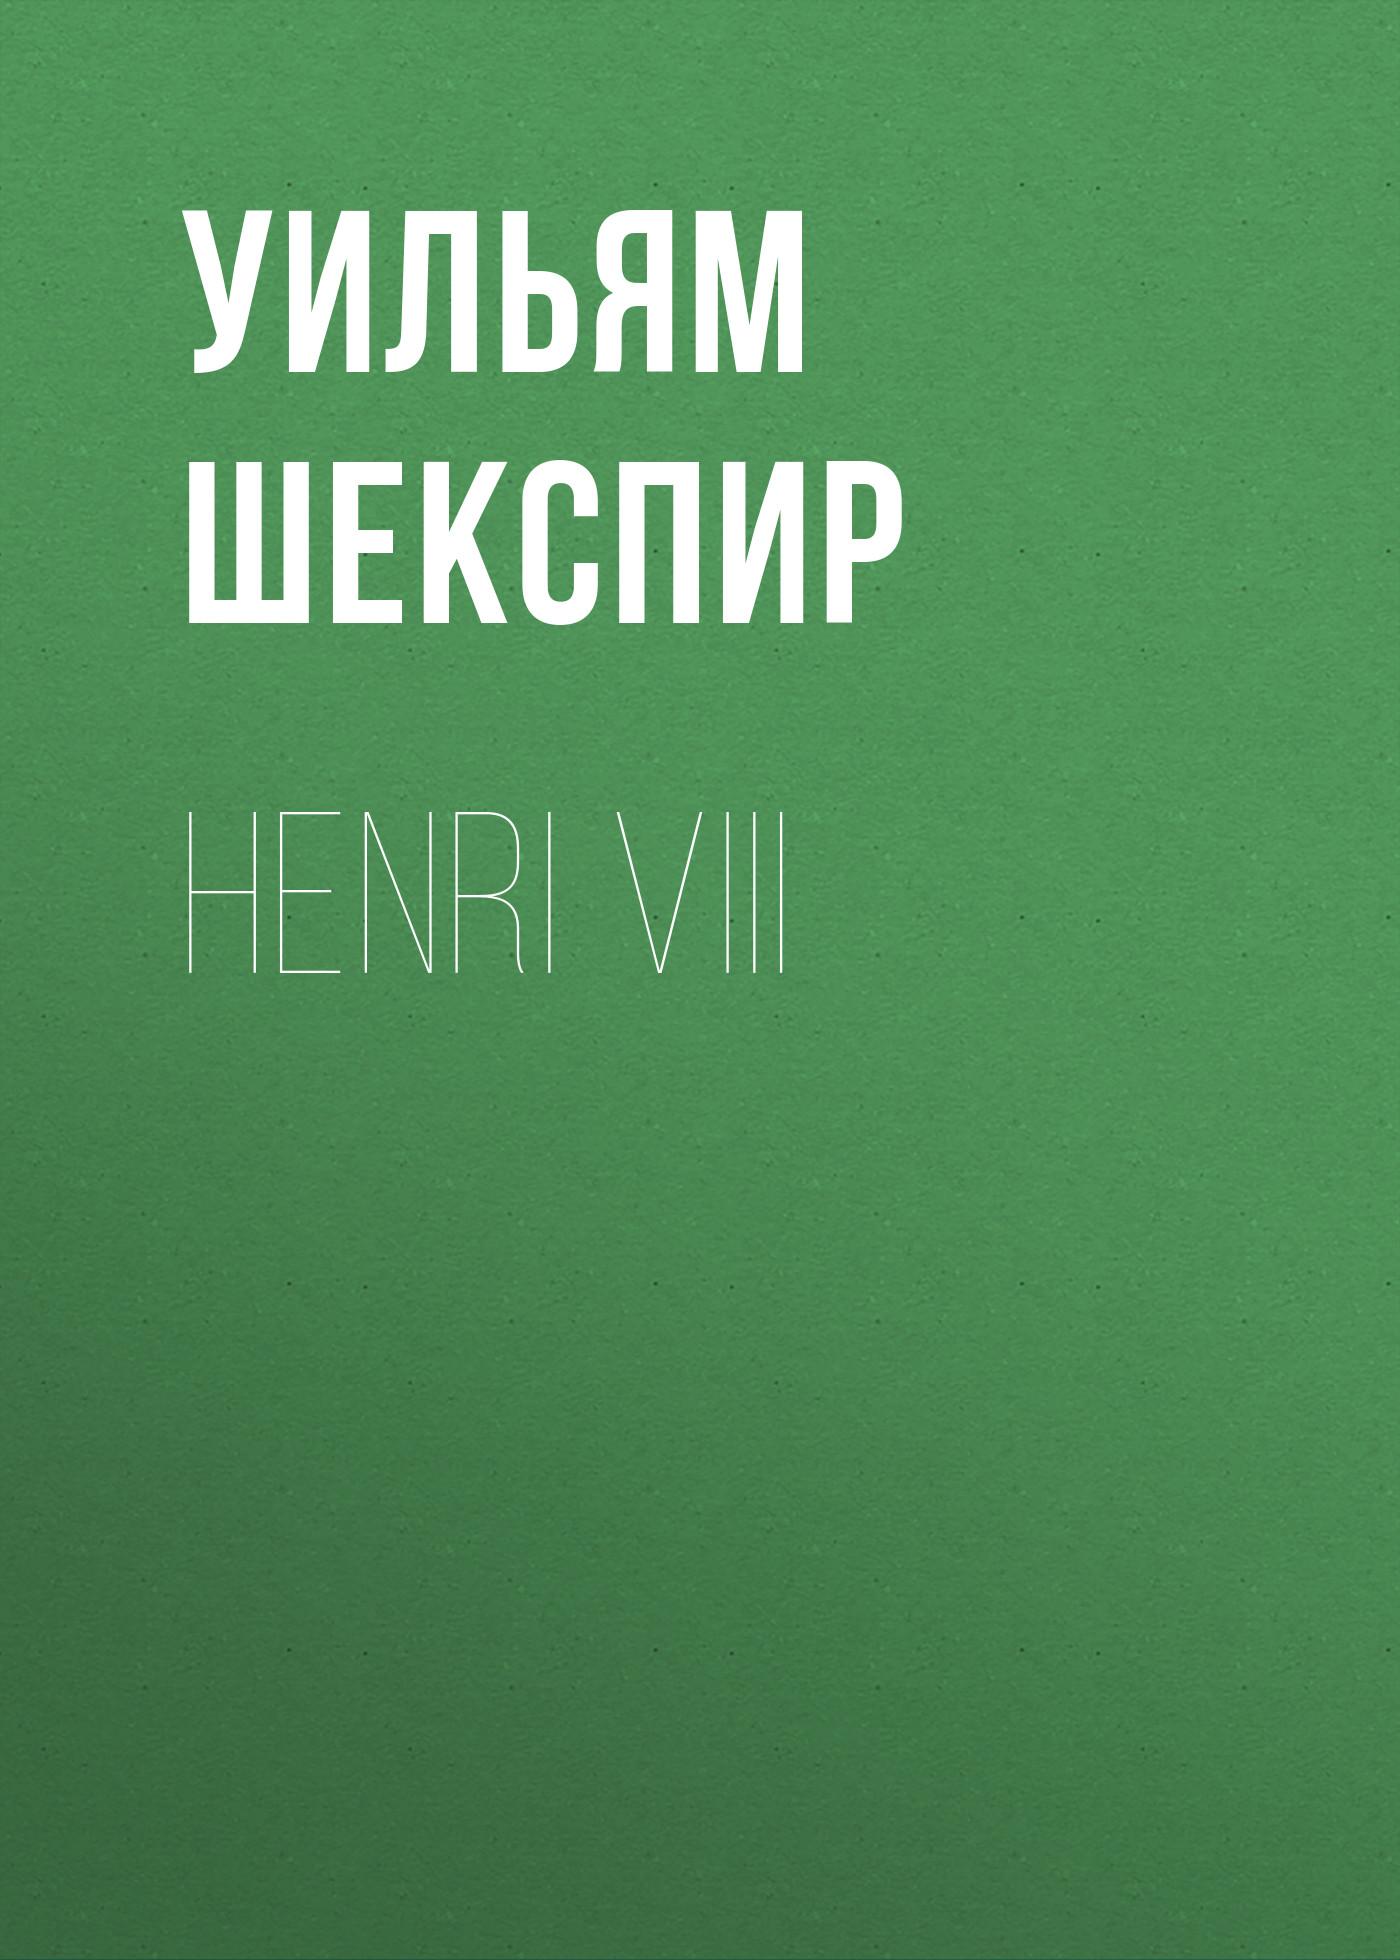 Уильям Шекспир Henri VIII уильям шекспир henri v